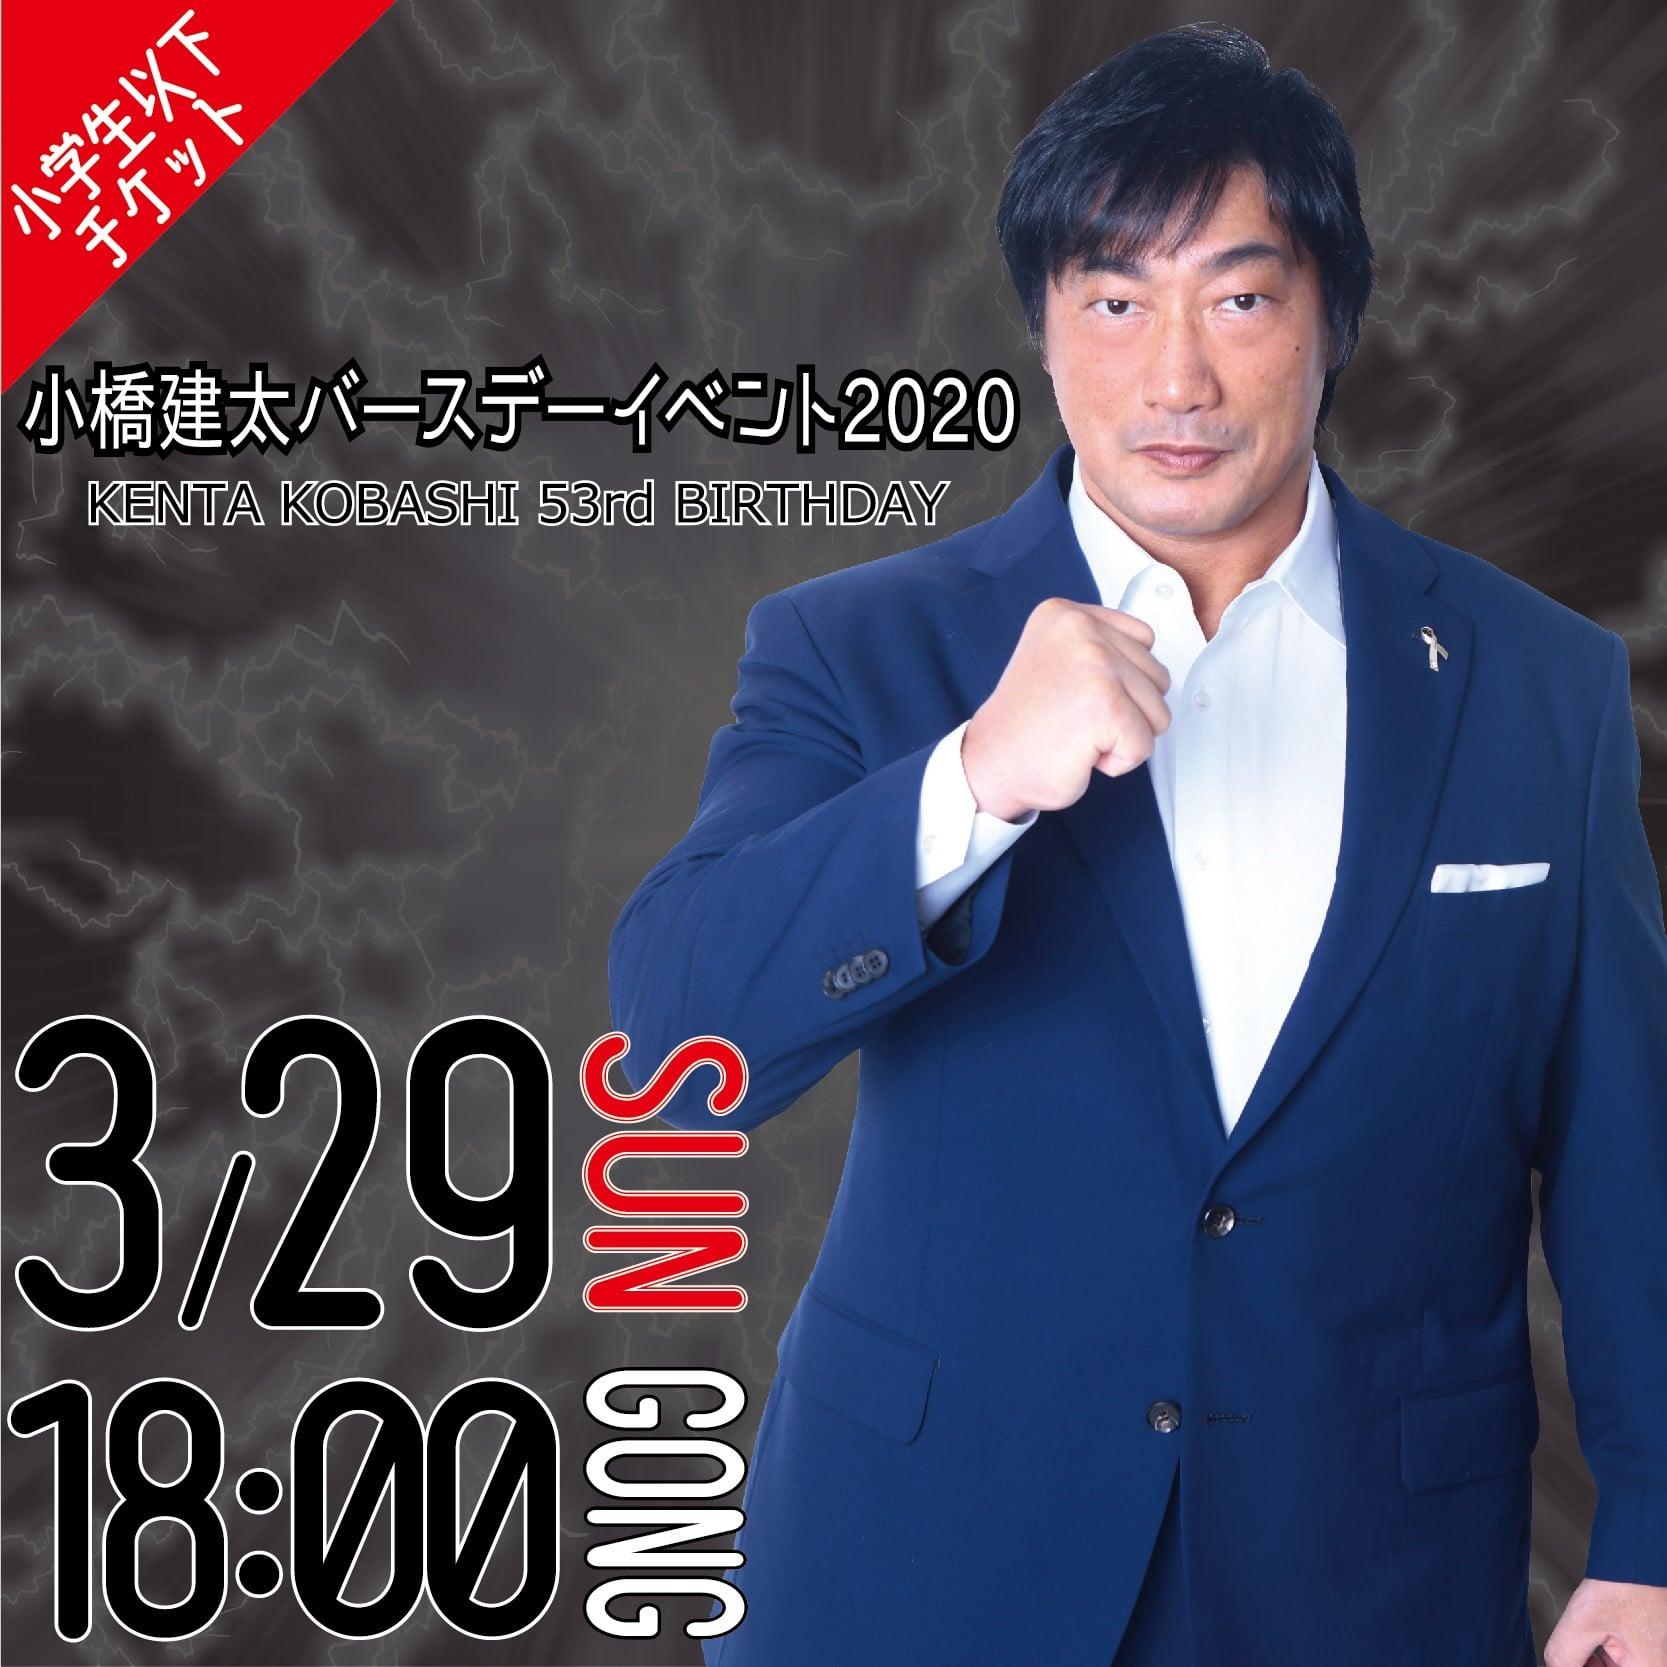 [小学生以下チケット]3月29日(日)18:00〜小橋建太バースデーイベント2020のイメージその1